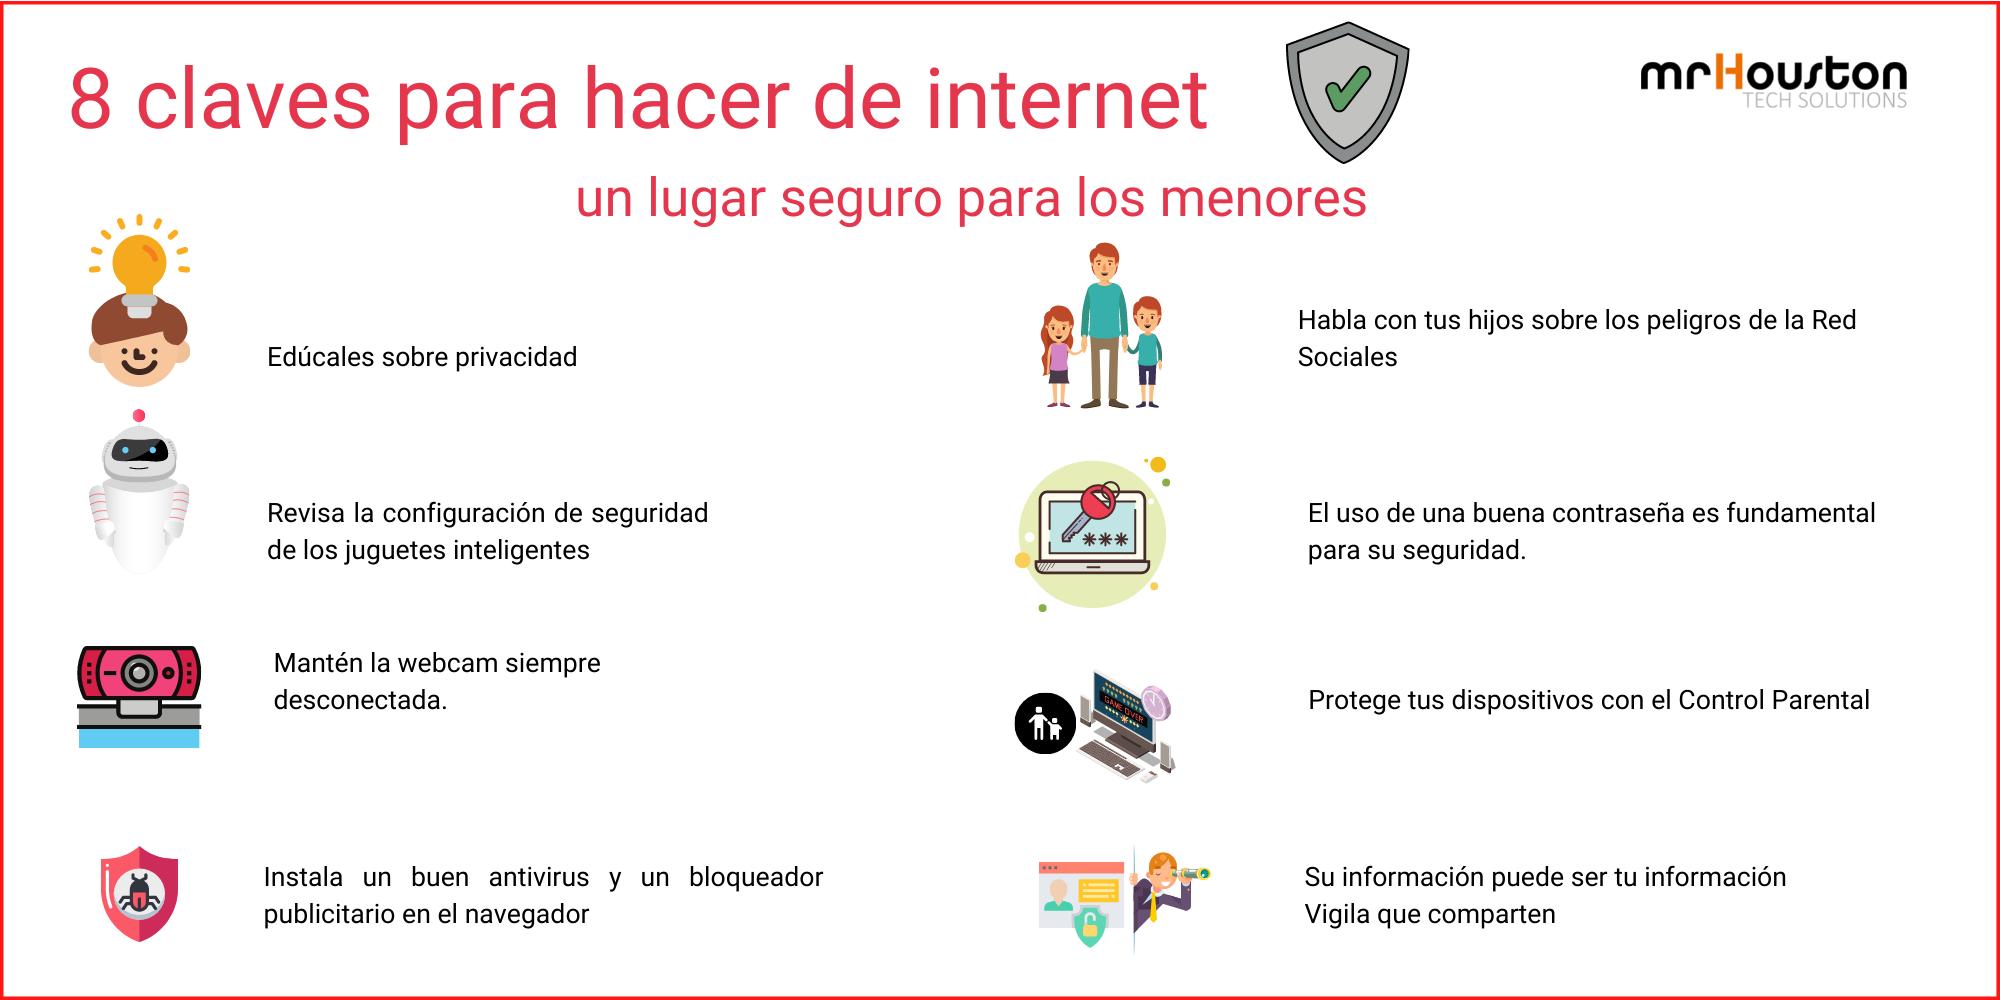 8 claves para hacer internet seguro para los niños